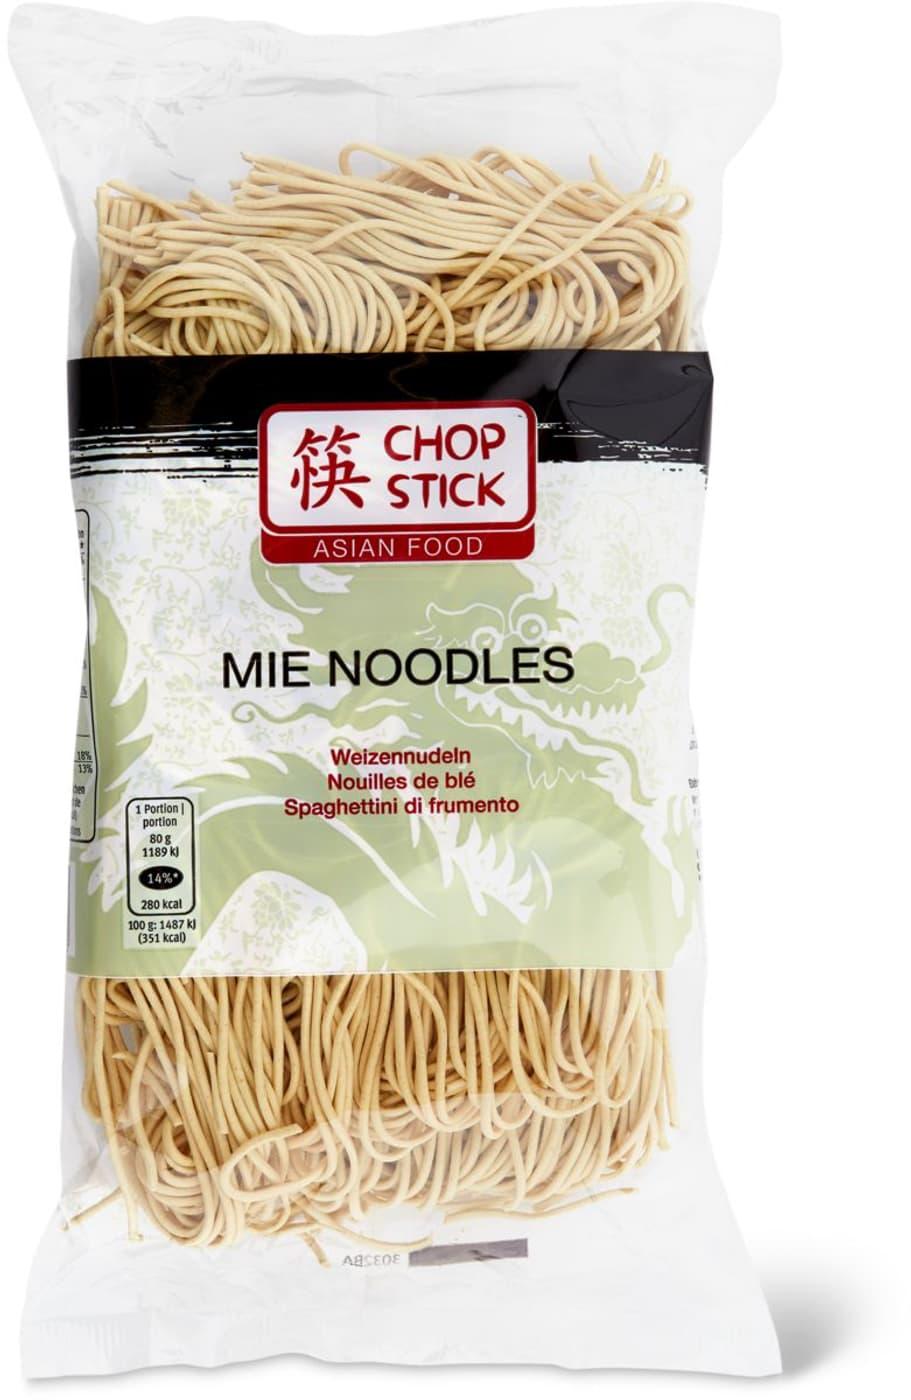 nudels mie  Chop Stick Mie Noodles | Migros